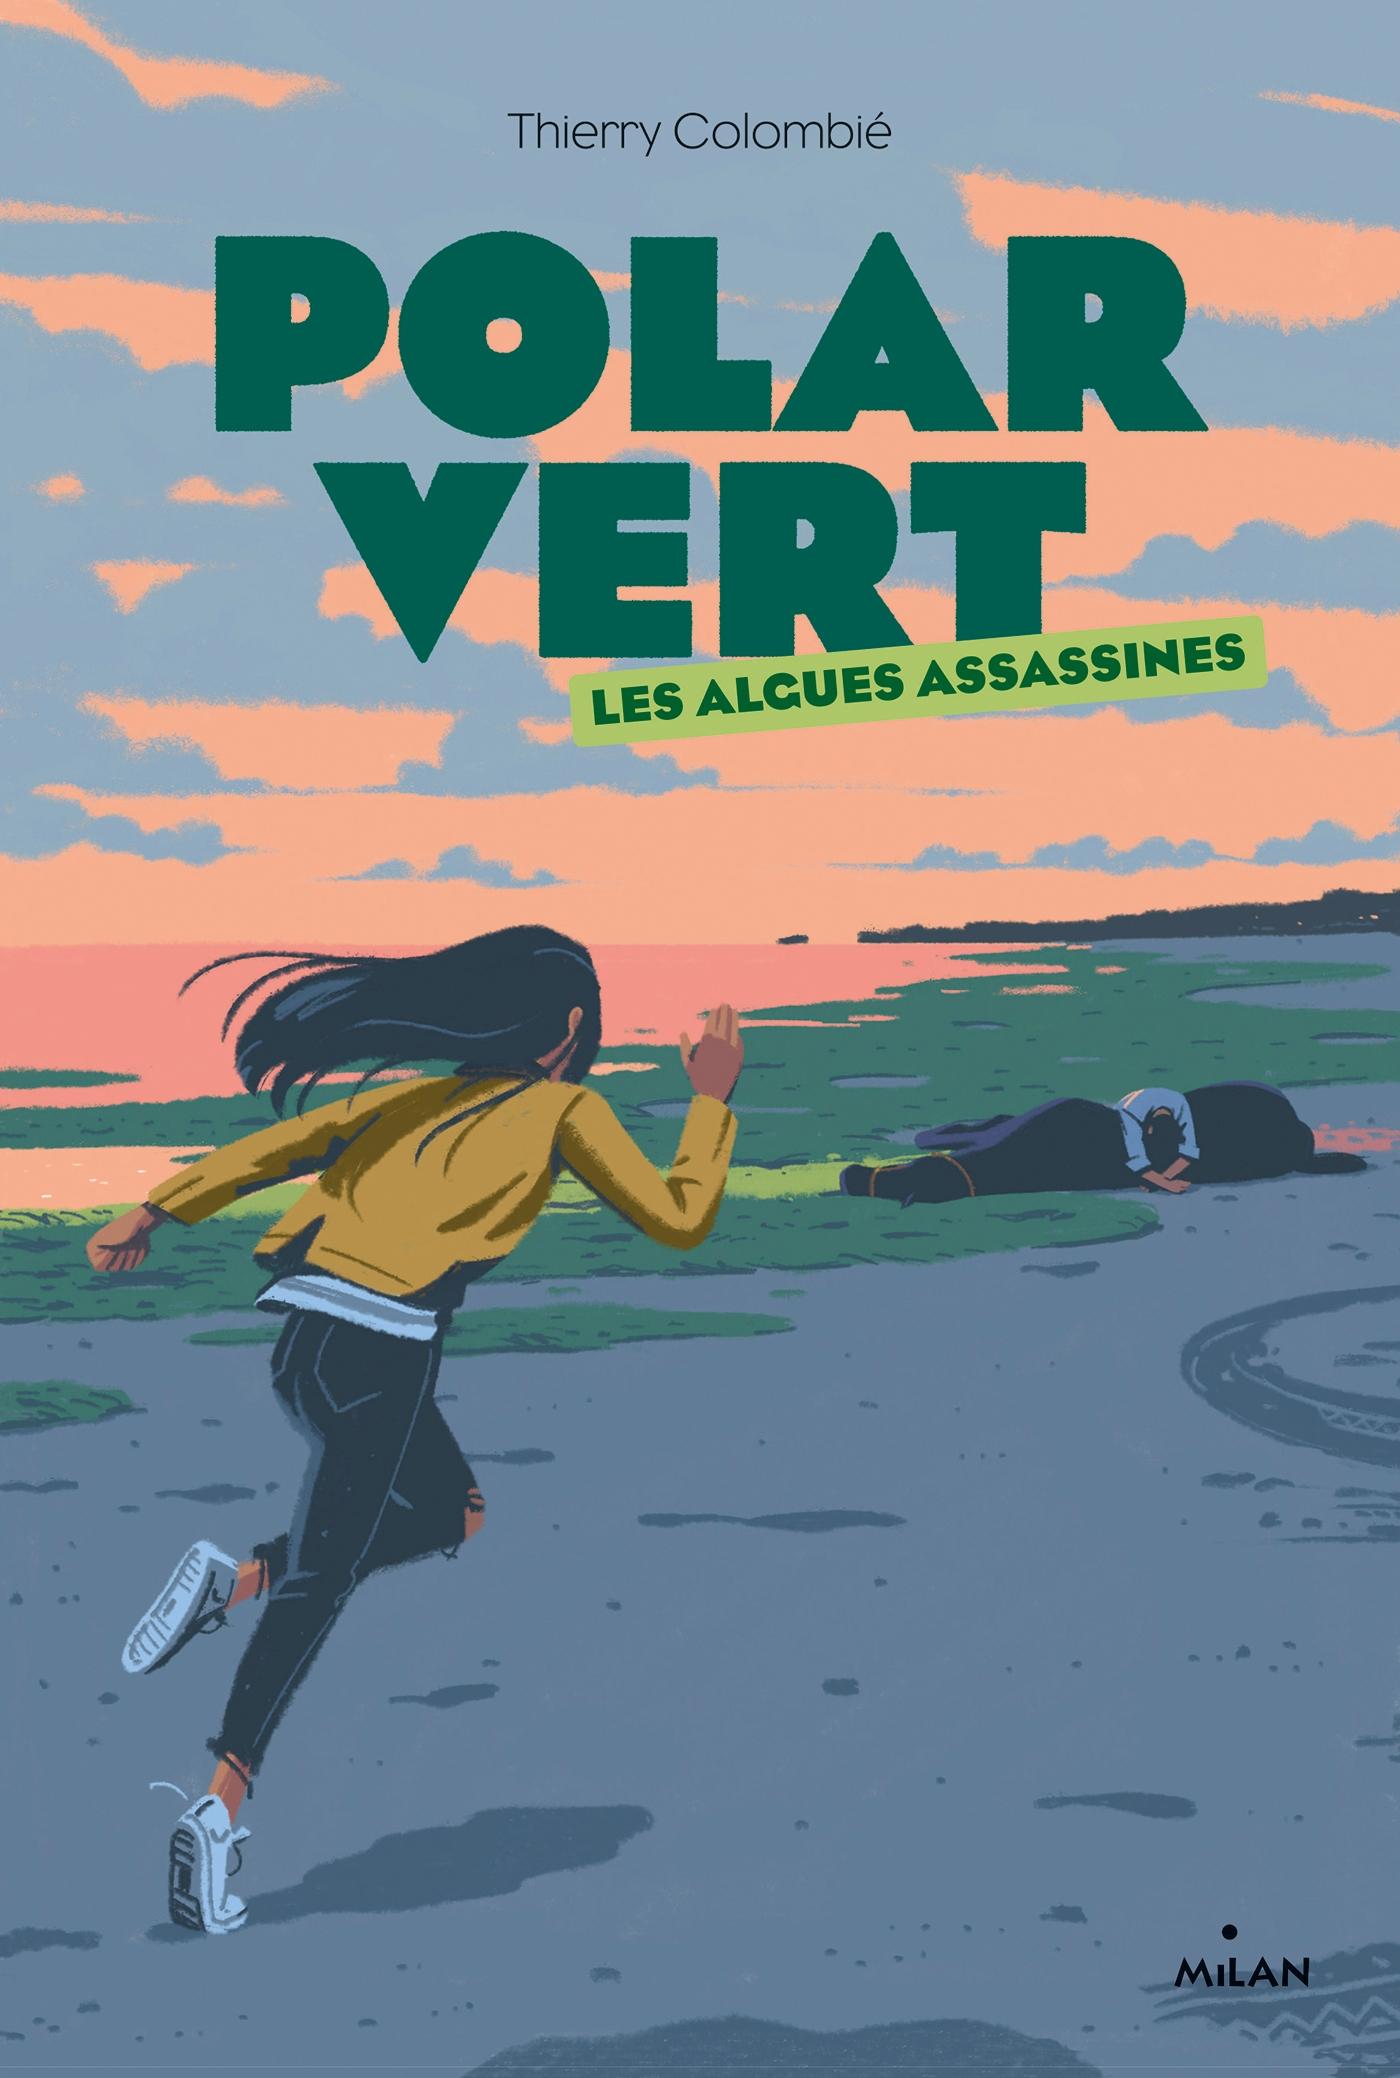 Image de l'article «Polar Vert: Les Algues assassines de Thierry Colombié»